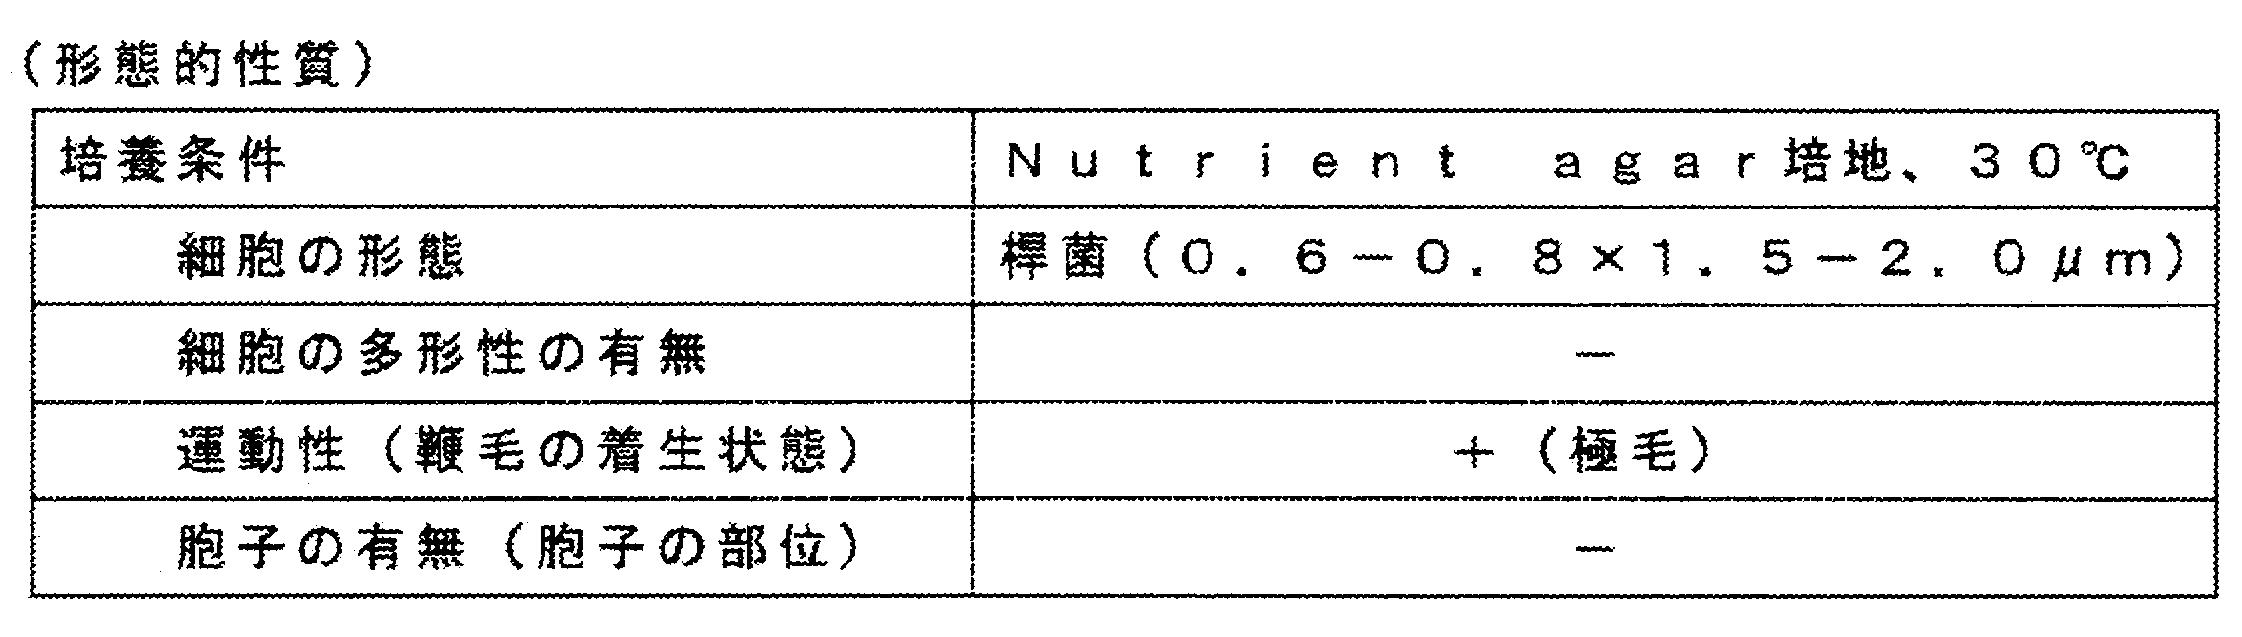 WO2009154234A1 - 新種微生物、セレン酸化合物還元製剤、セレン酸化合物の還元方法および除去方法、並びに金属セレンの製造方法         - Google PatentsFamily